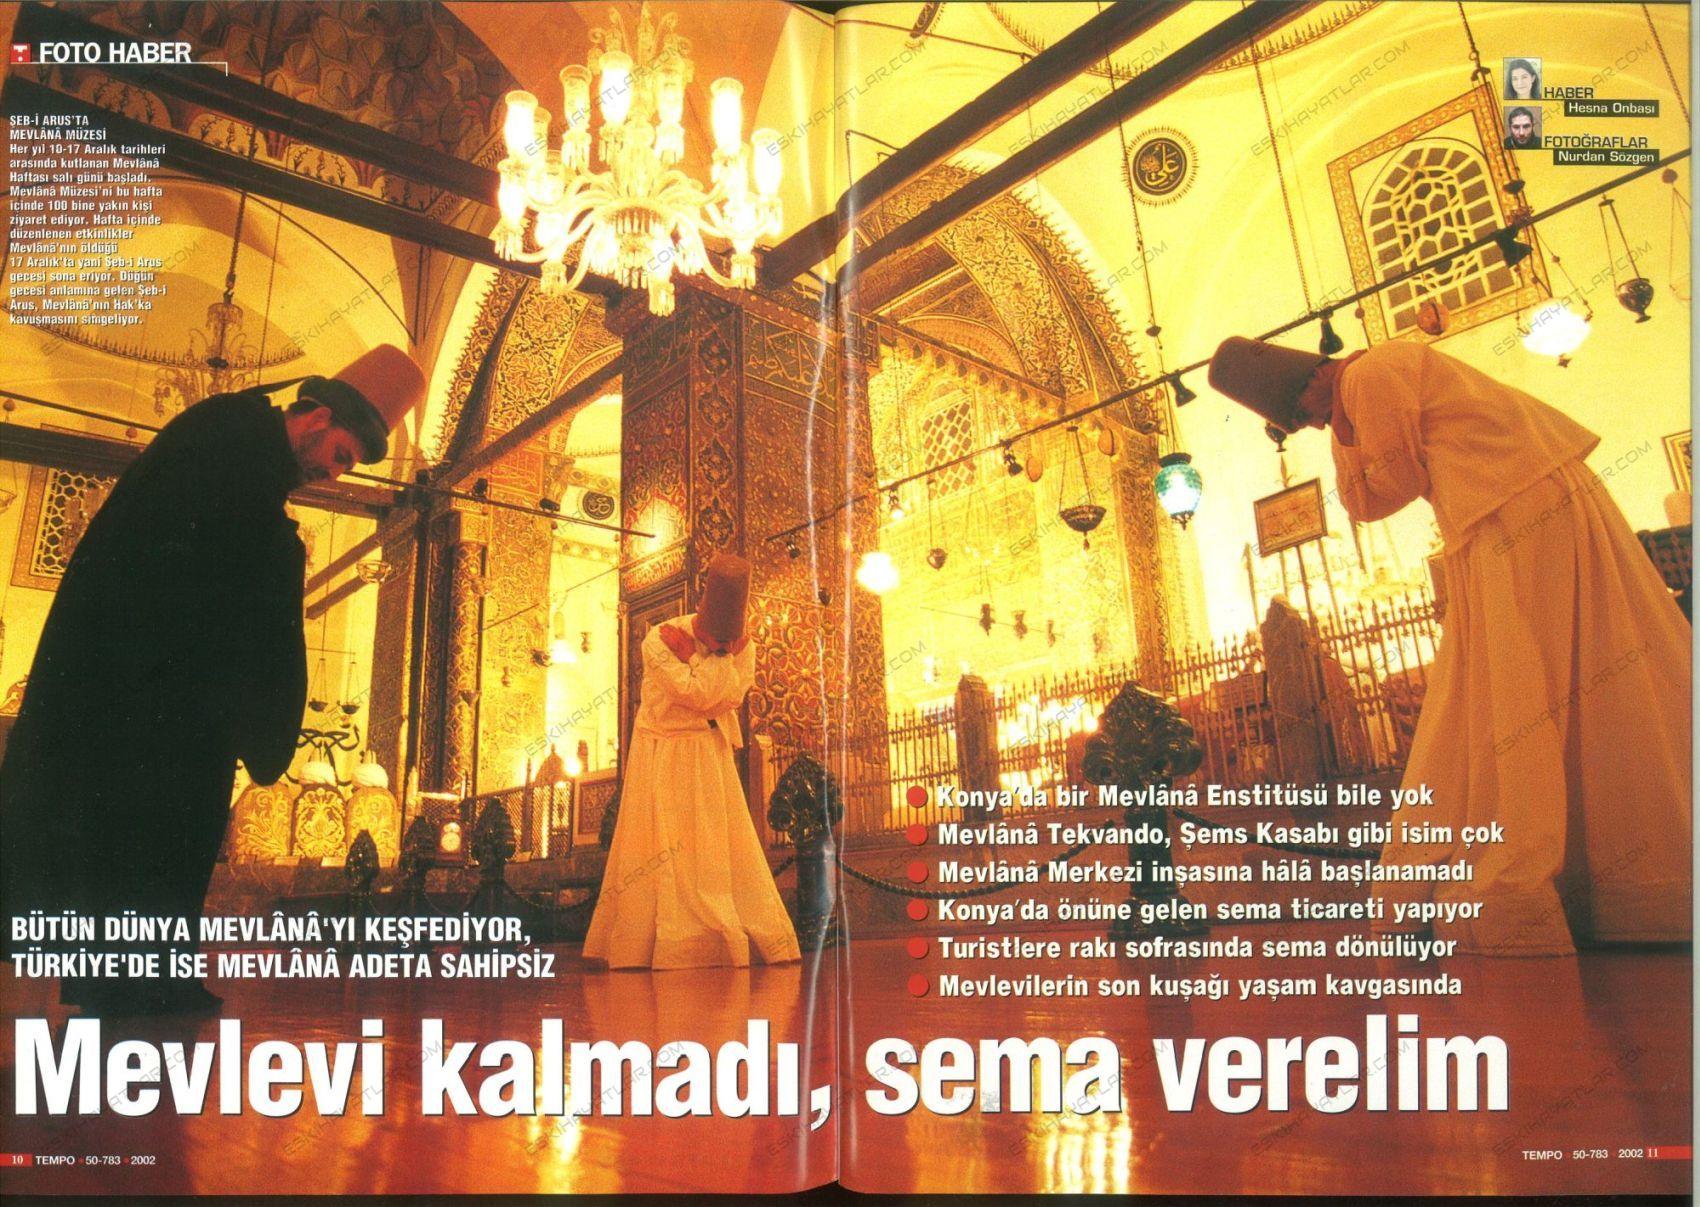 0299-mevlevi-tarikatlari-sema-ayinleri-2002-tempo-dergisi (1)